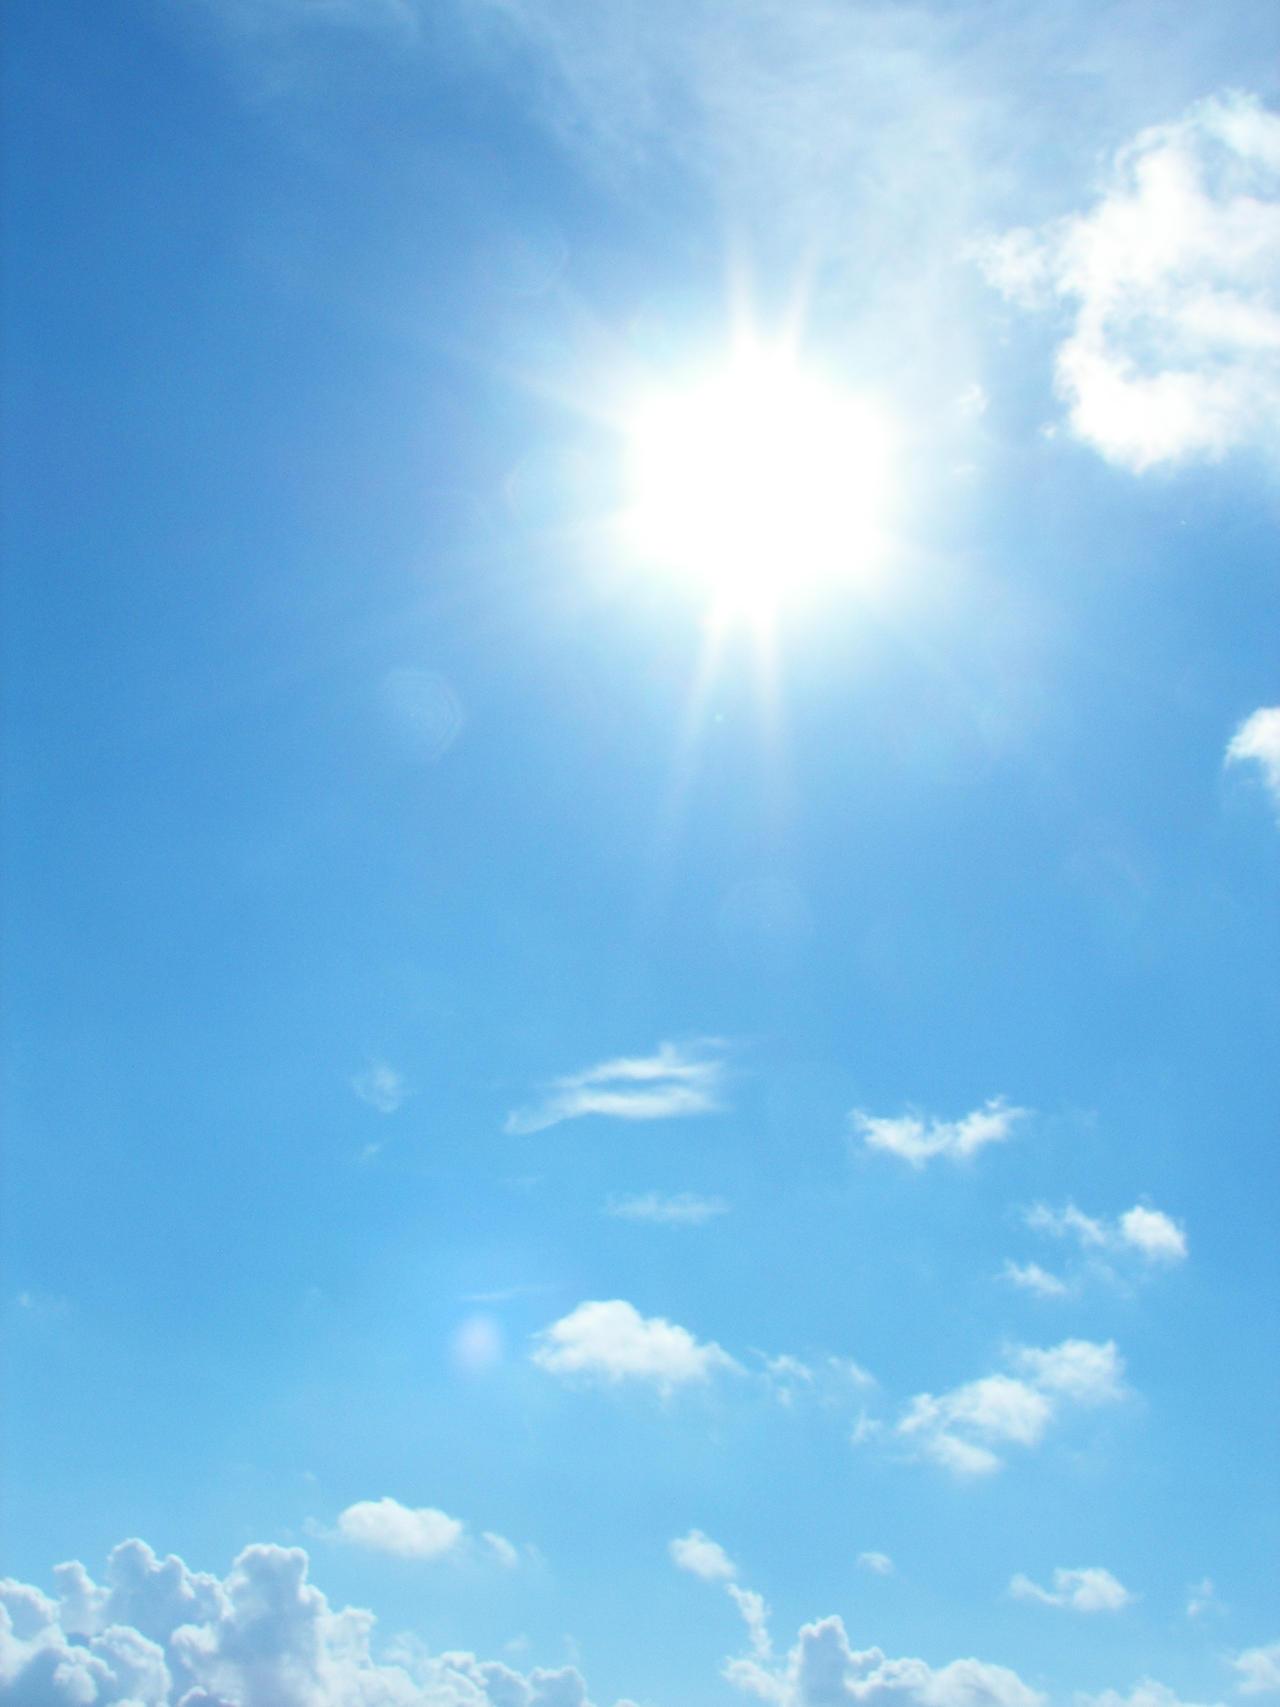 Bright Sky 5 - Into the sun